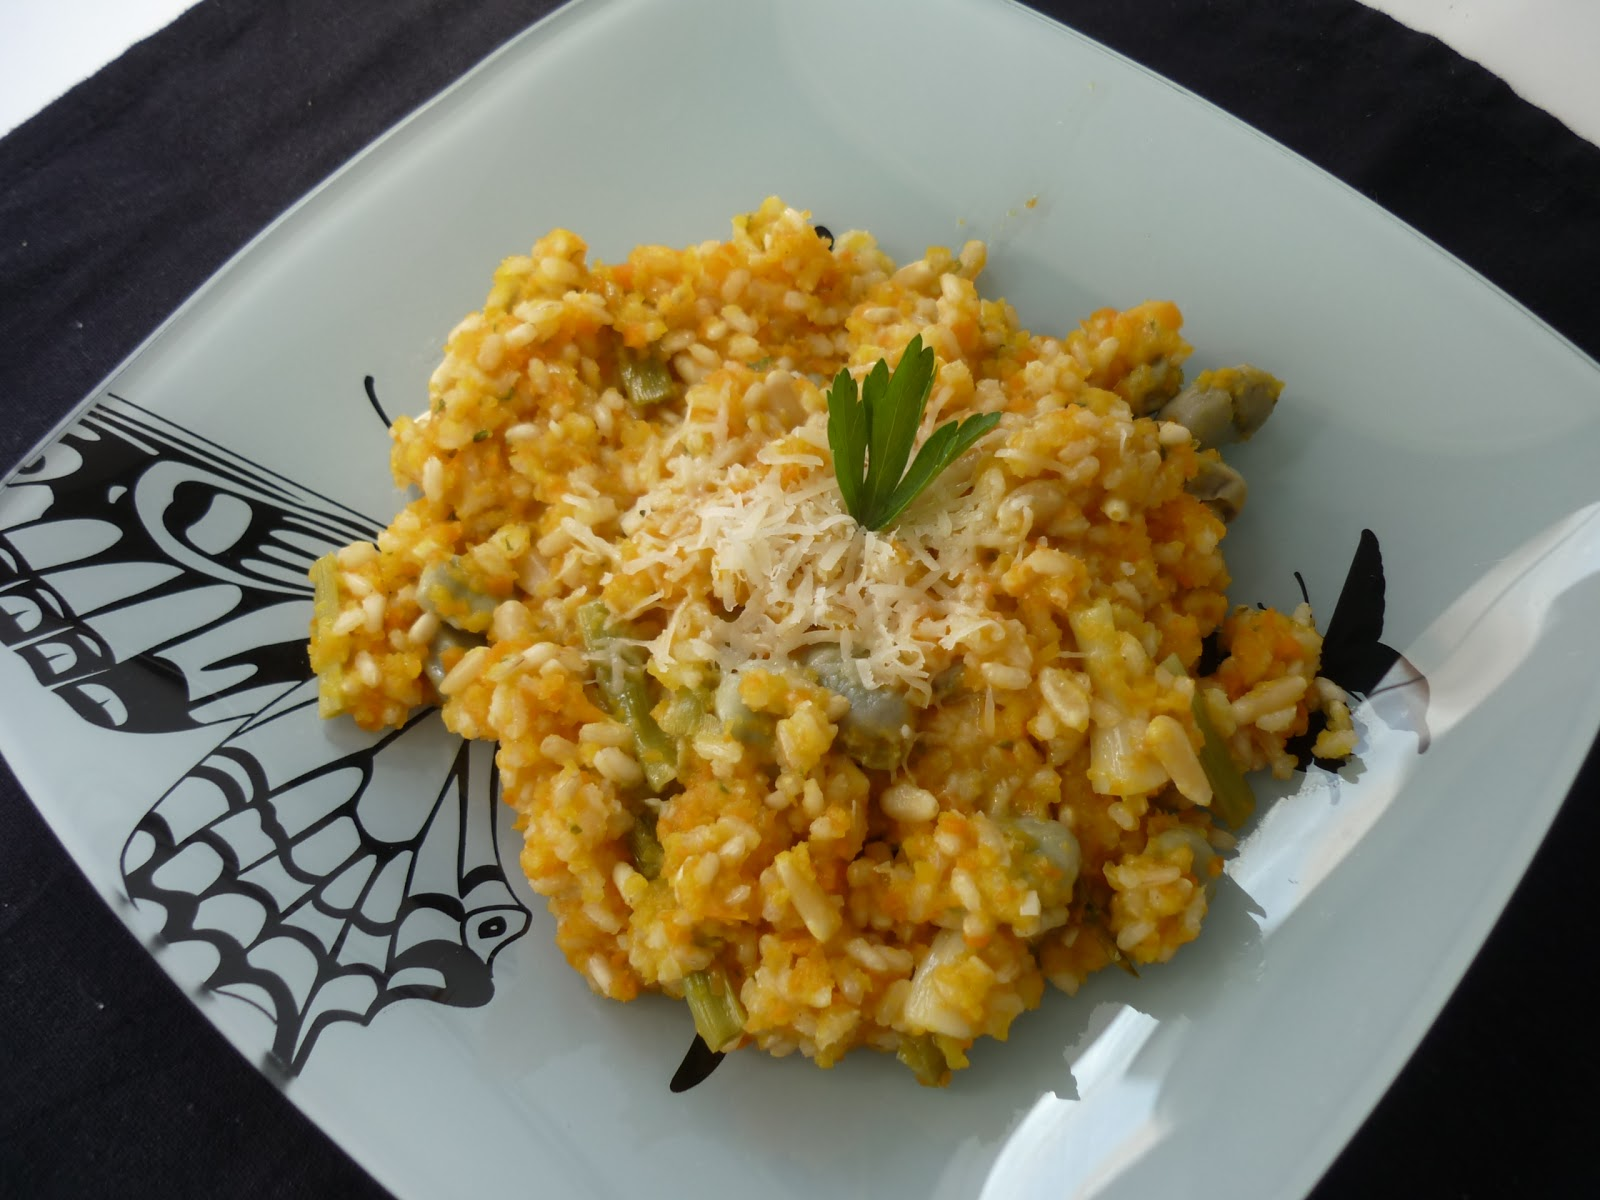 La chef a risotto de arroz integral con calabaza - Risotto arroz integral ...